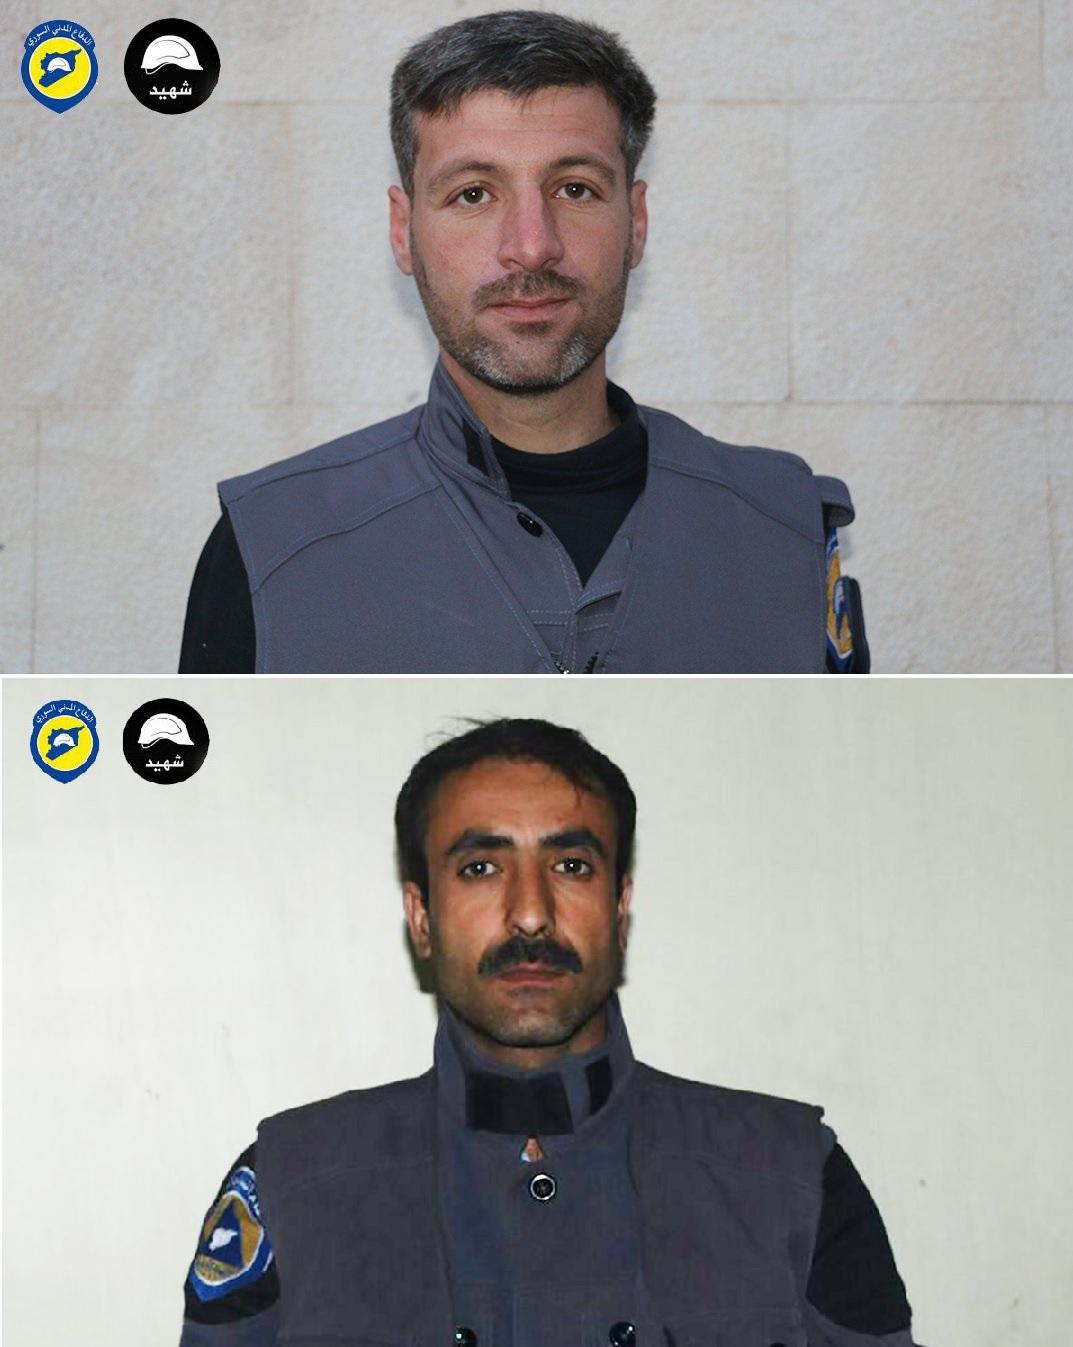 Jamal Hashish et Yasser sobhieh, deux martyrs de la défense civile syrienne